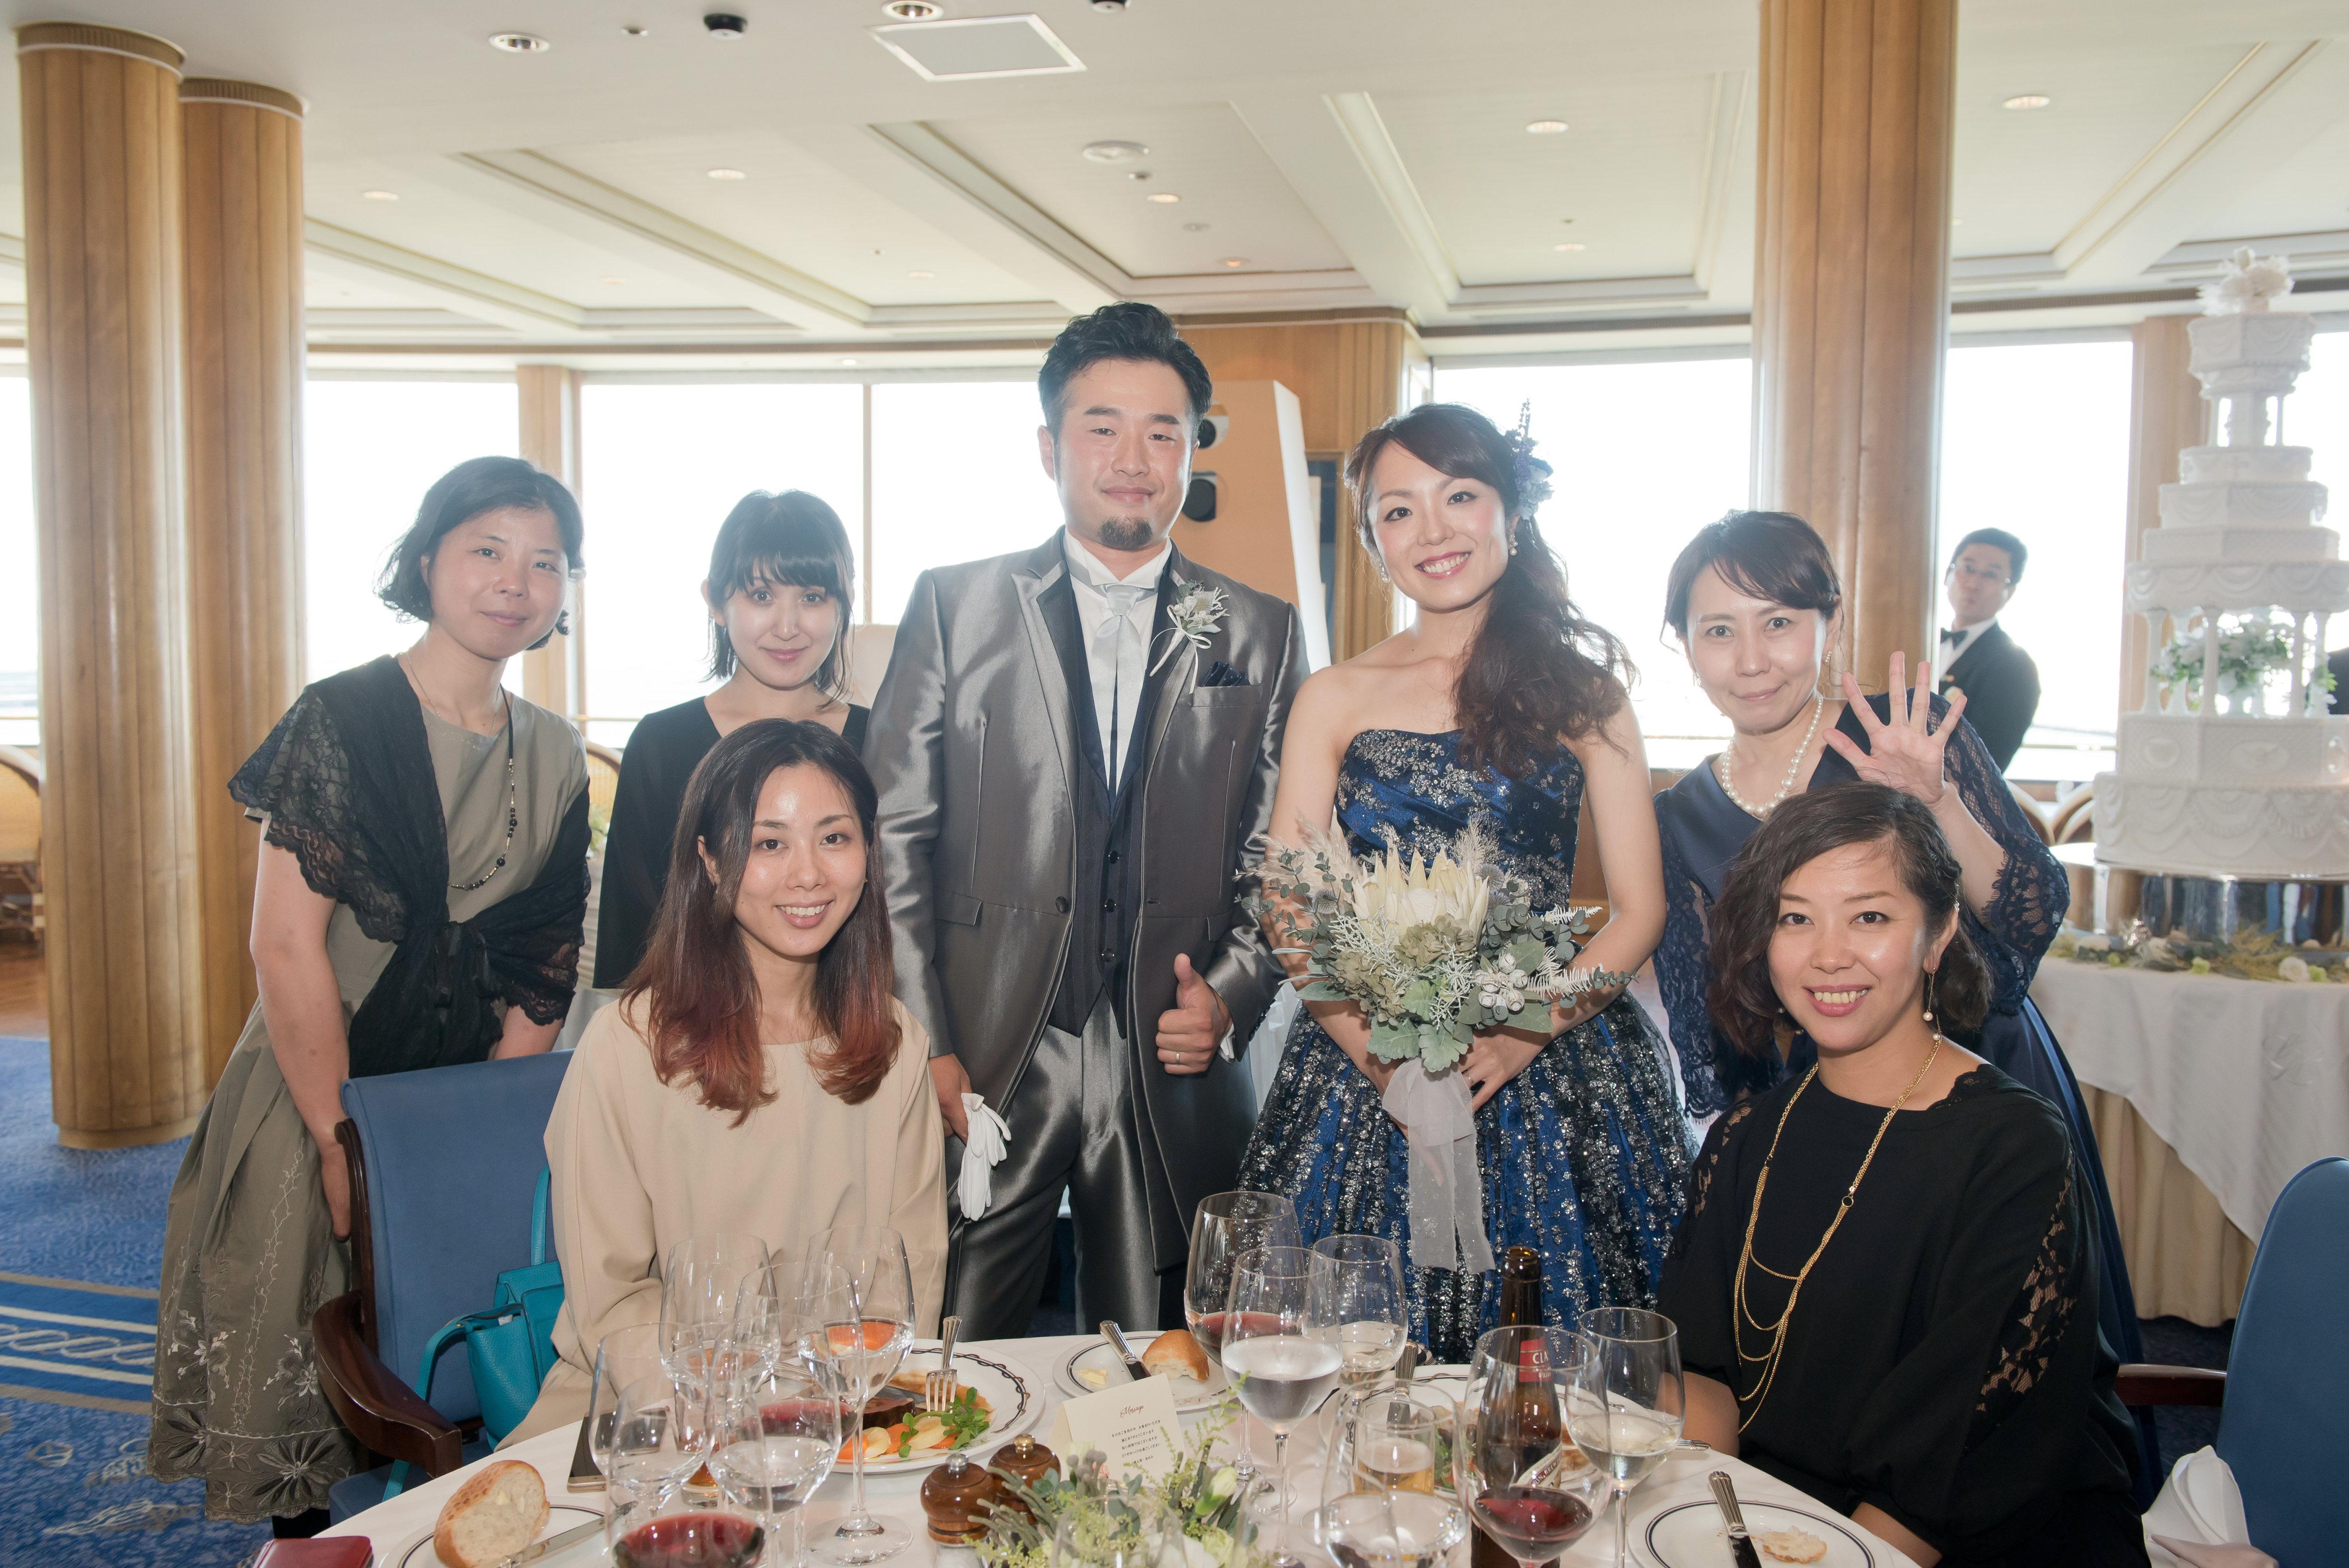 ゲストも嬉しい各卓フォトサービス♪|横浜 元町 ウエディングサロン